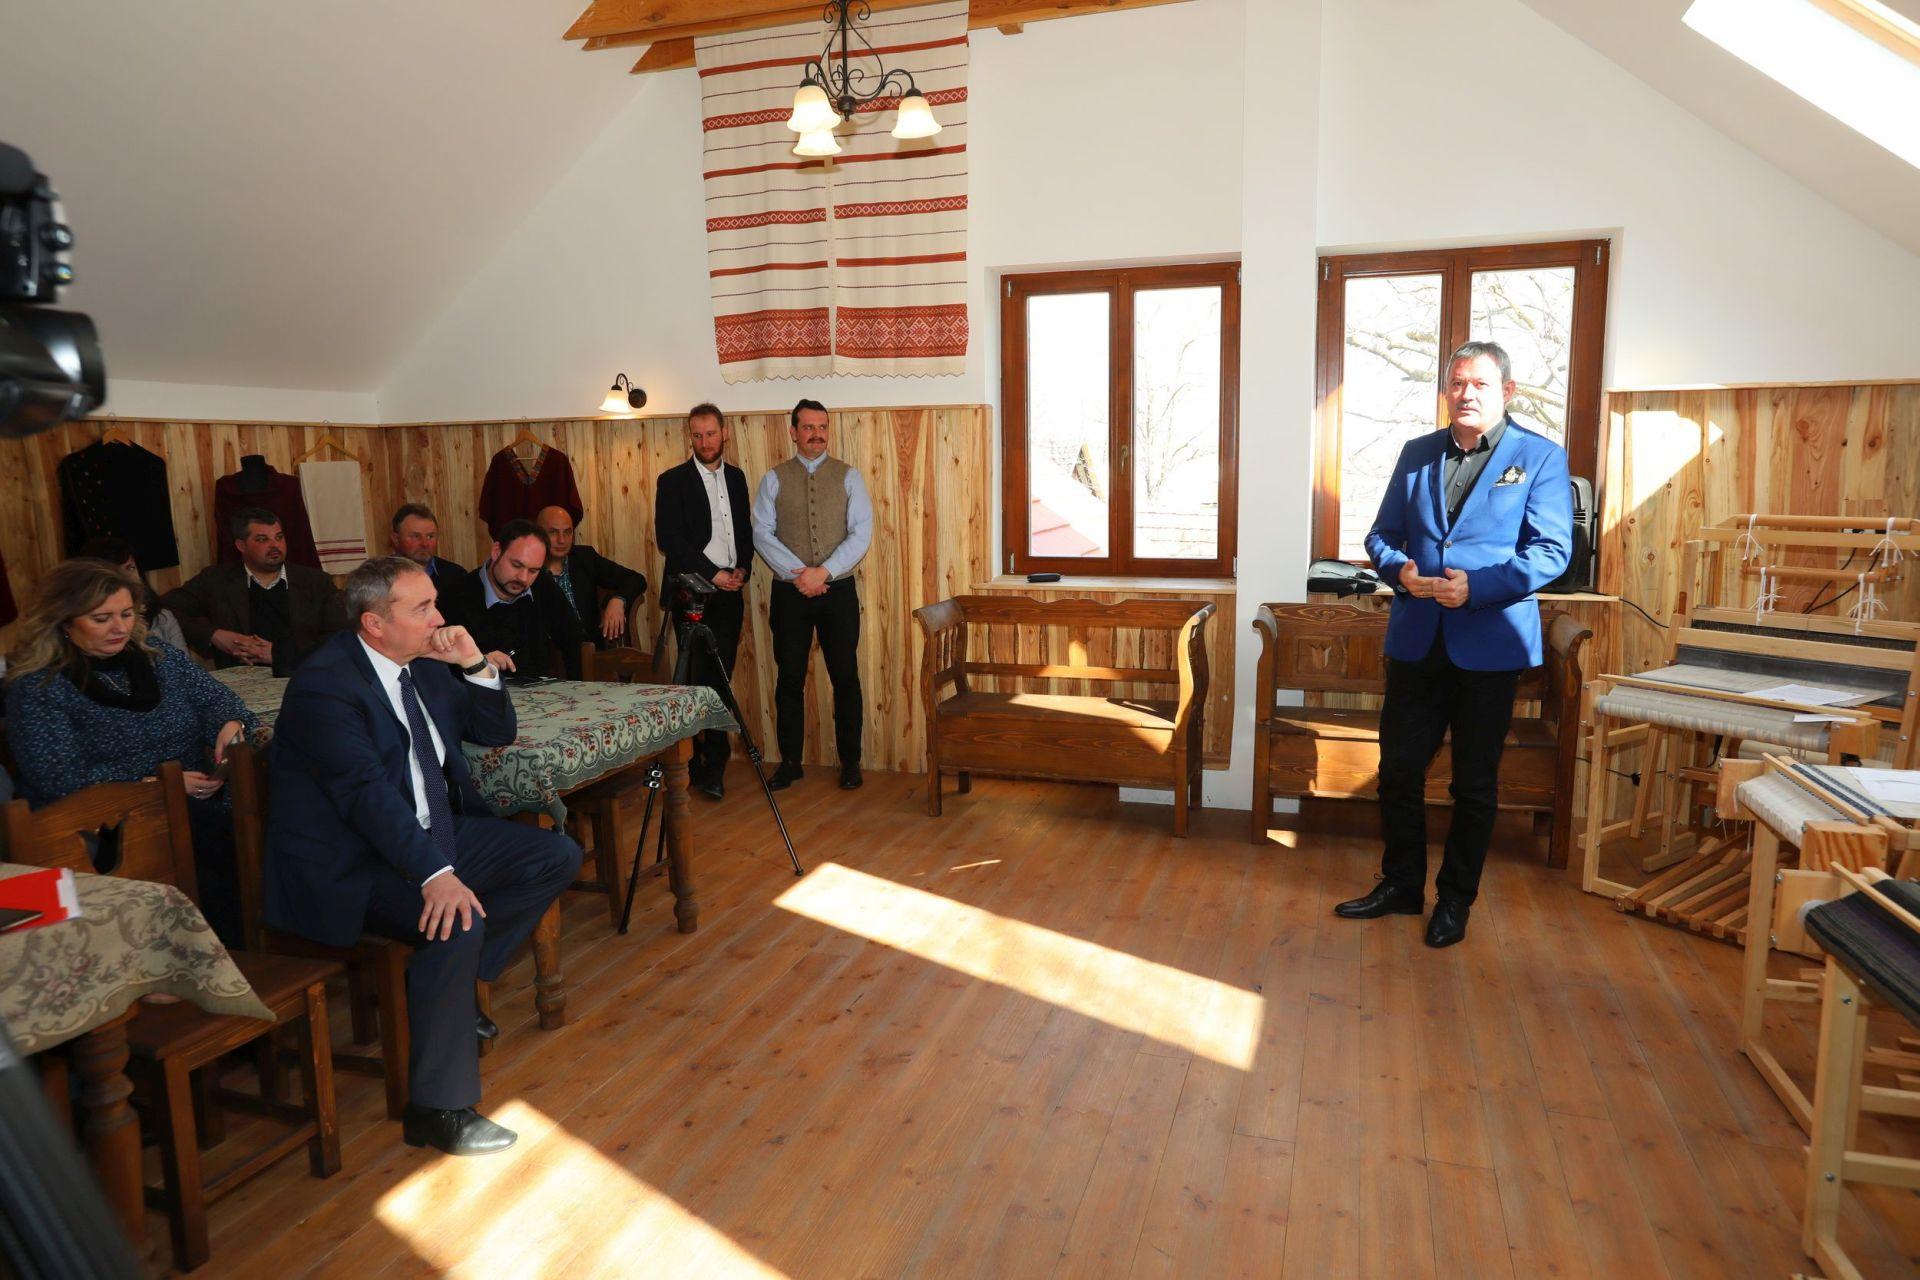 V. Németh Zsolt, az Agrárminisztérium kiemelkedő nemzeti értékek felügyeletéért felelős miniszteri biztosa az Alkotóház átadóünnepségén